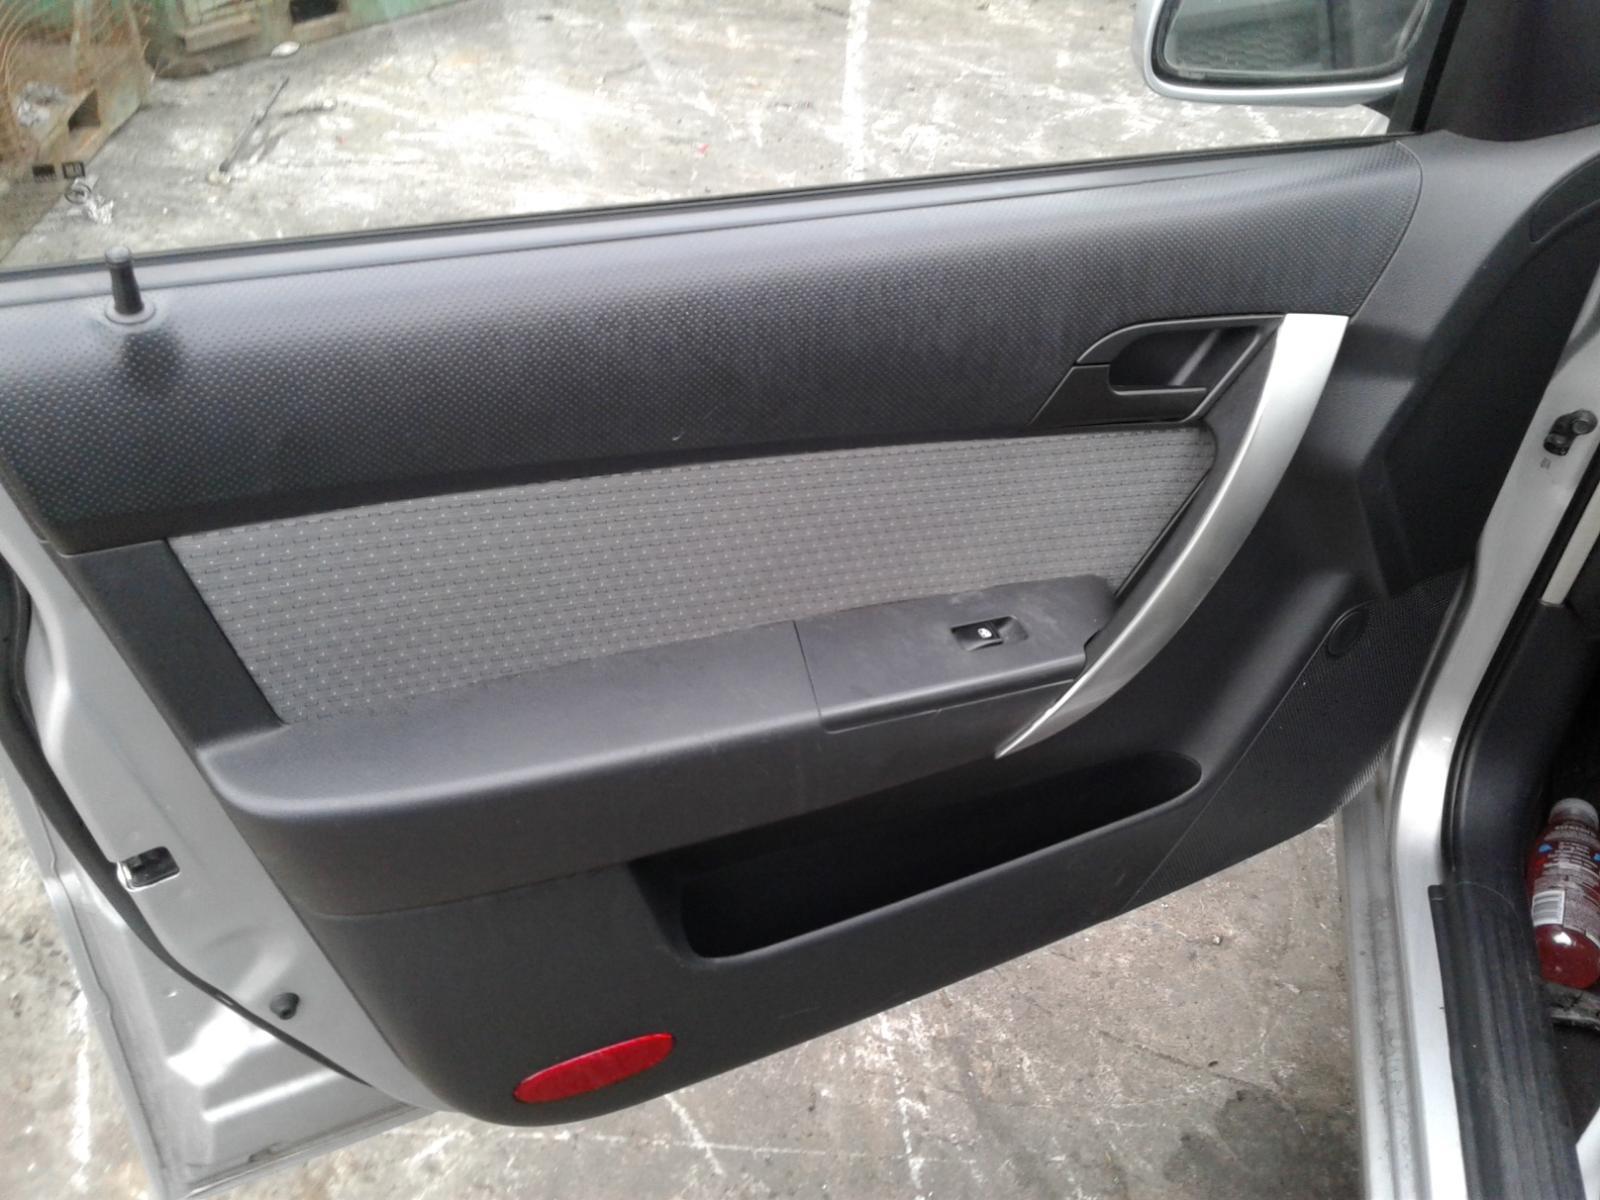 View Auto part CHEVROLET AVEO 2009 5 Door Hatchback